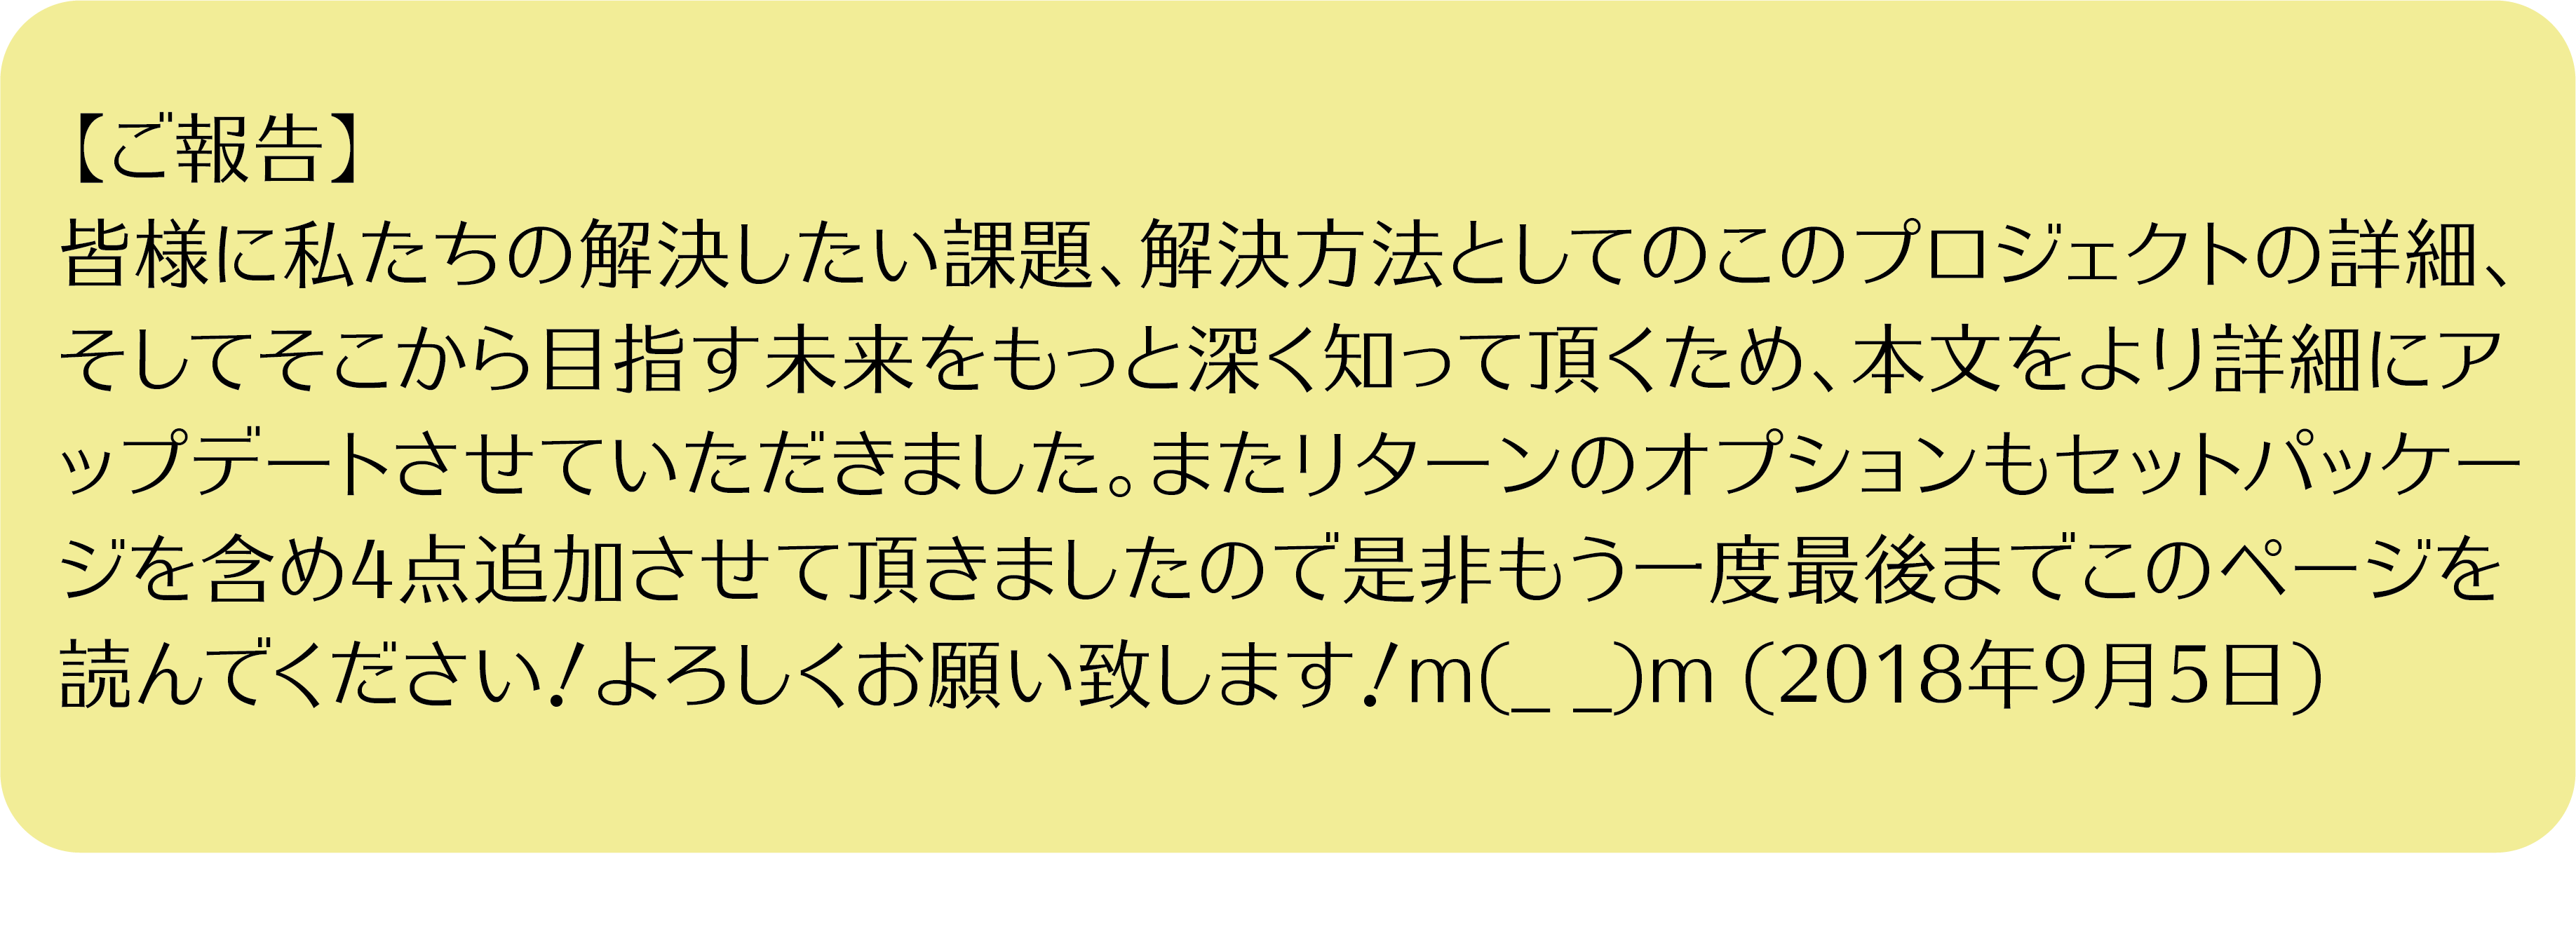 日本の学生ブロックチェーンコミュニティを世界一にしたい!!